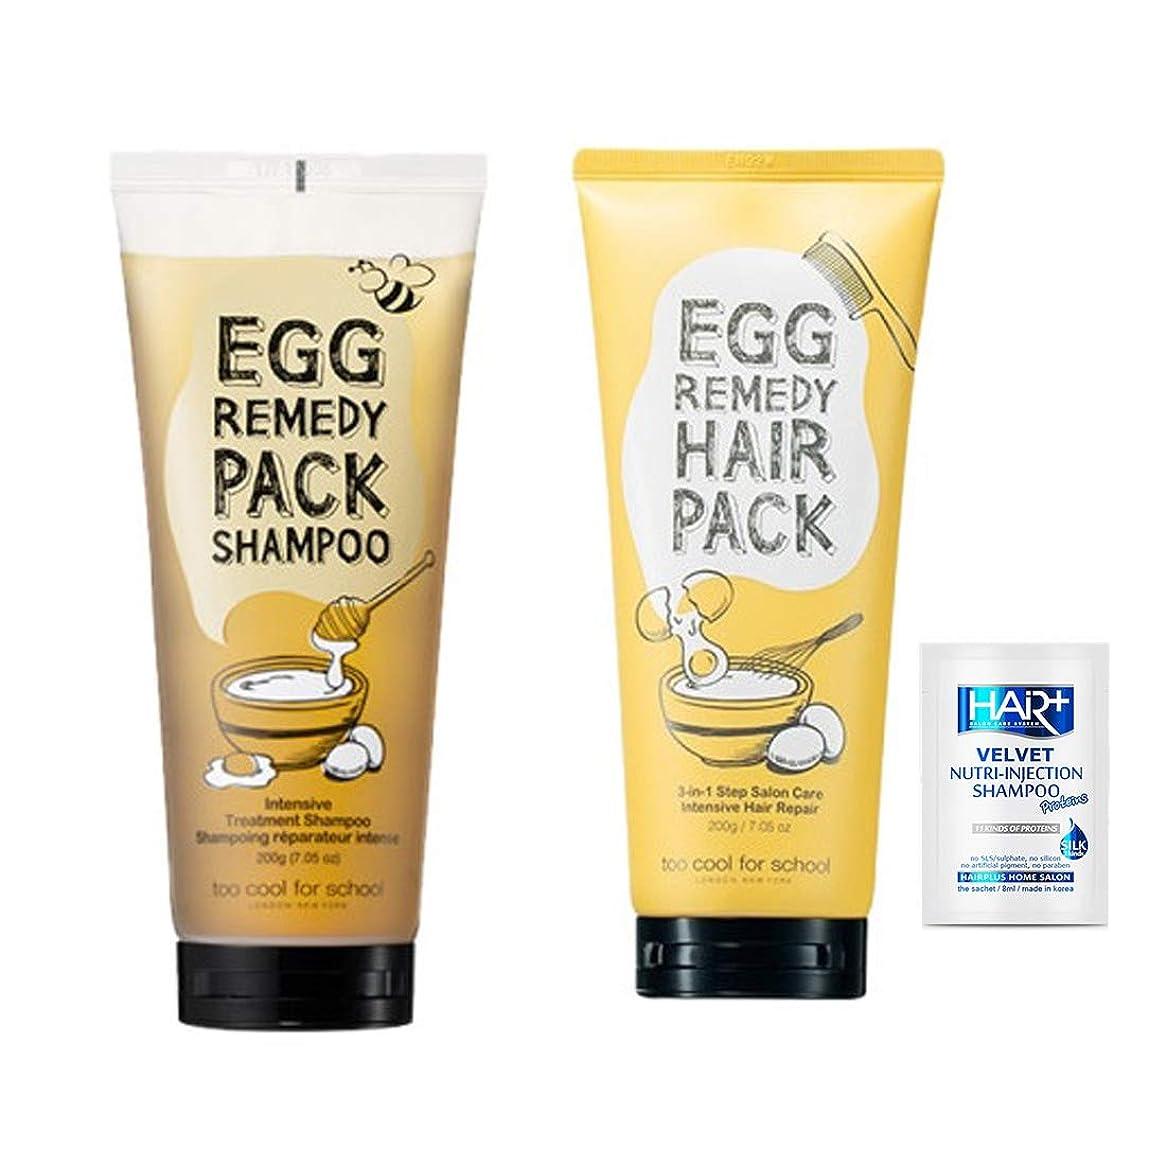 対処マニア裂け目トゥークールフォ―スクール(too cool for school)/エッグレミディパックシャンプーtoo cool for school Egg Remedy Pack Shampoo 200ml + エッグレミディヘアパック/too cool for school Egg Remedy Hair Pack 200ML [並行輸入品]+non silicon shampoo 8ml